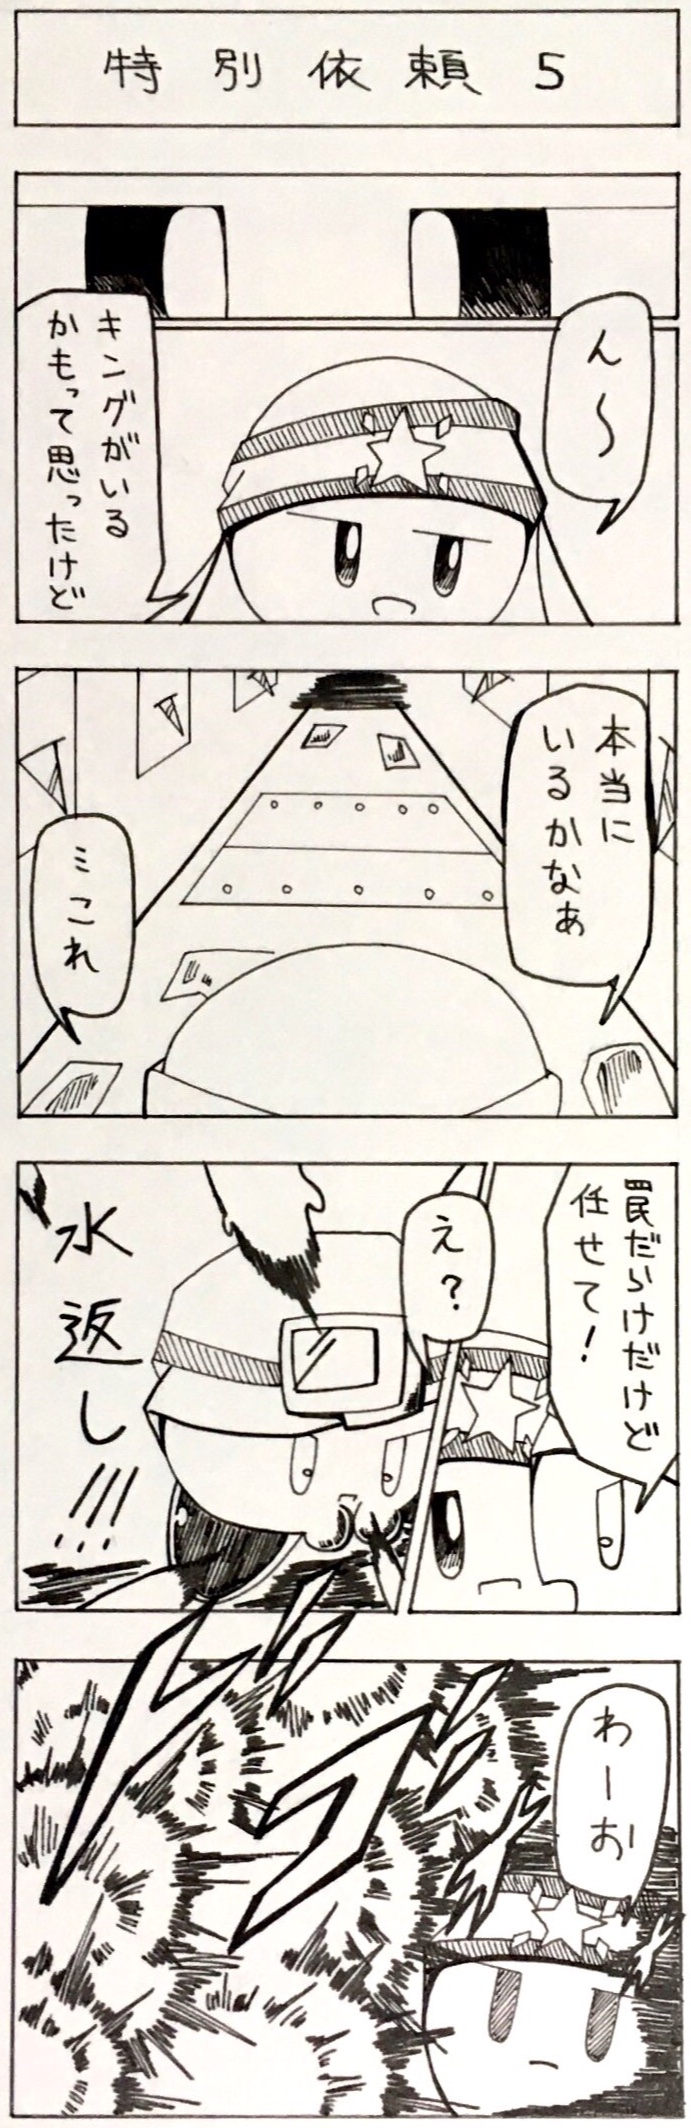 Believe Story 3-5